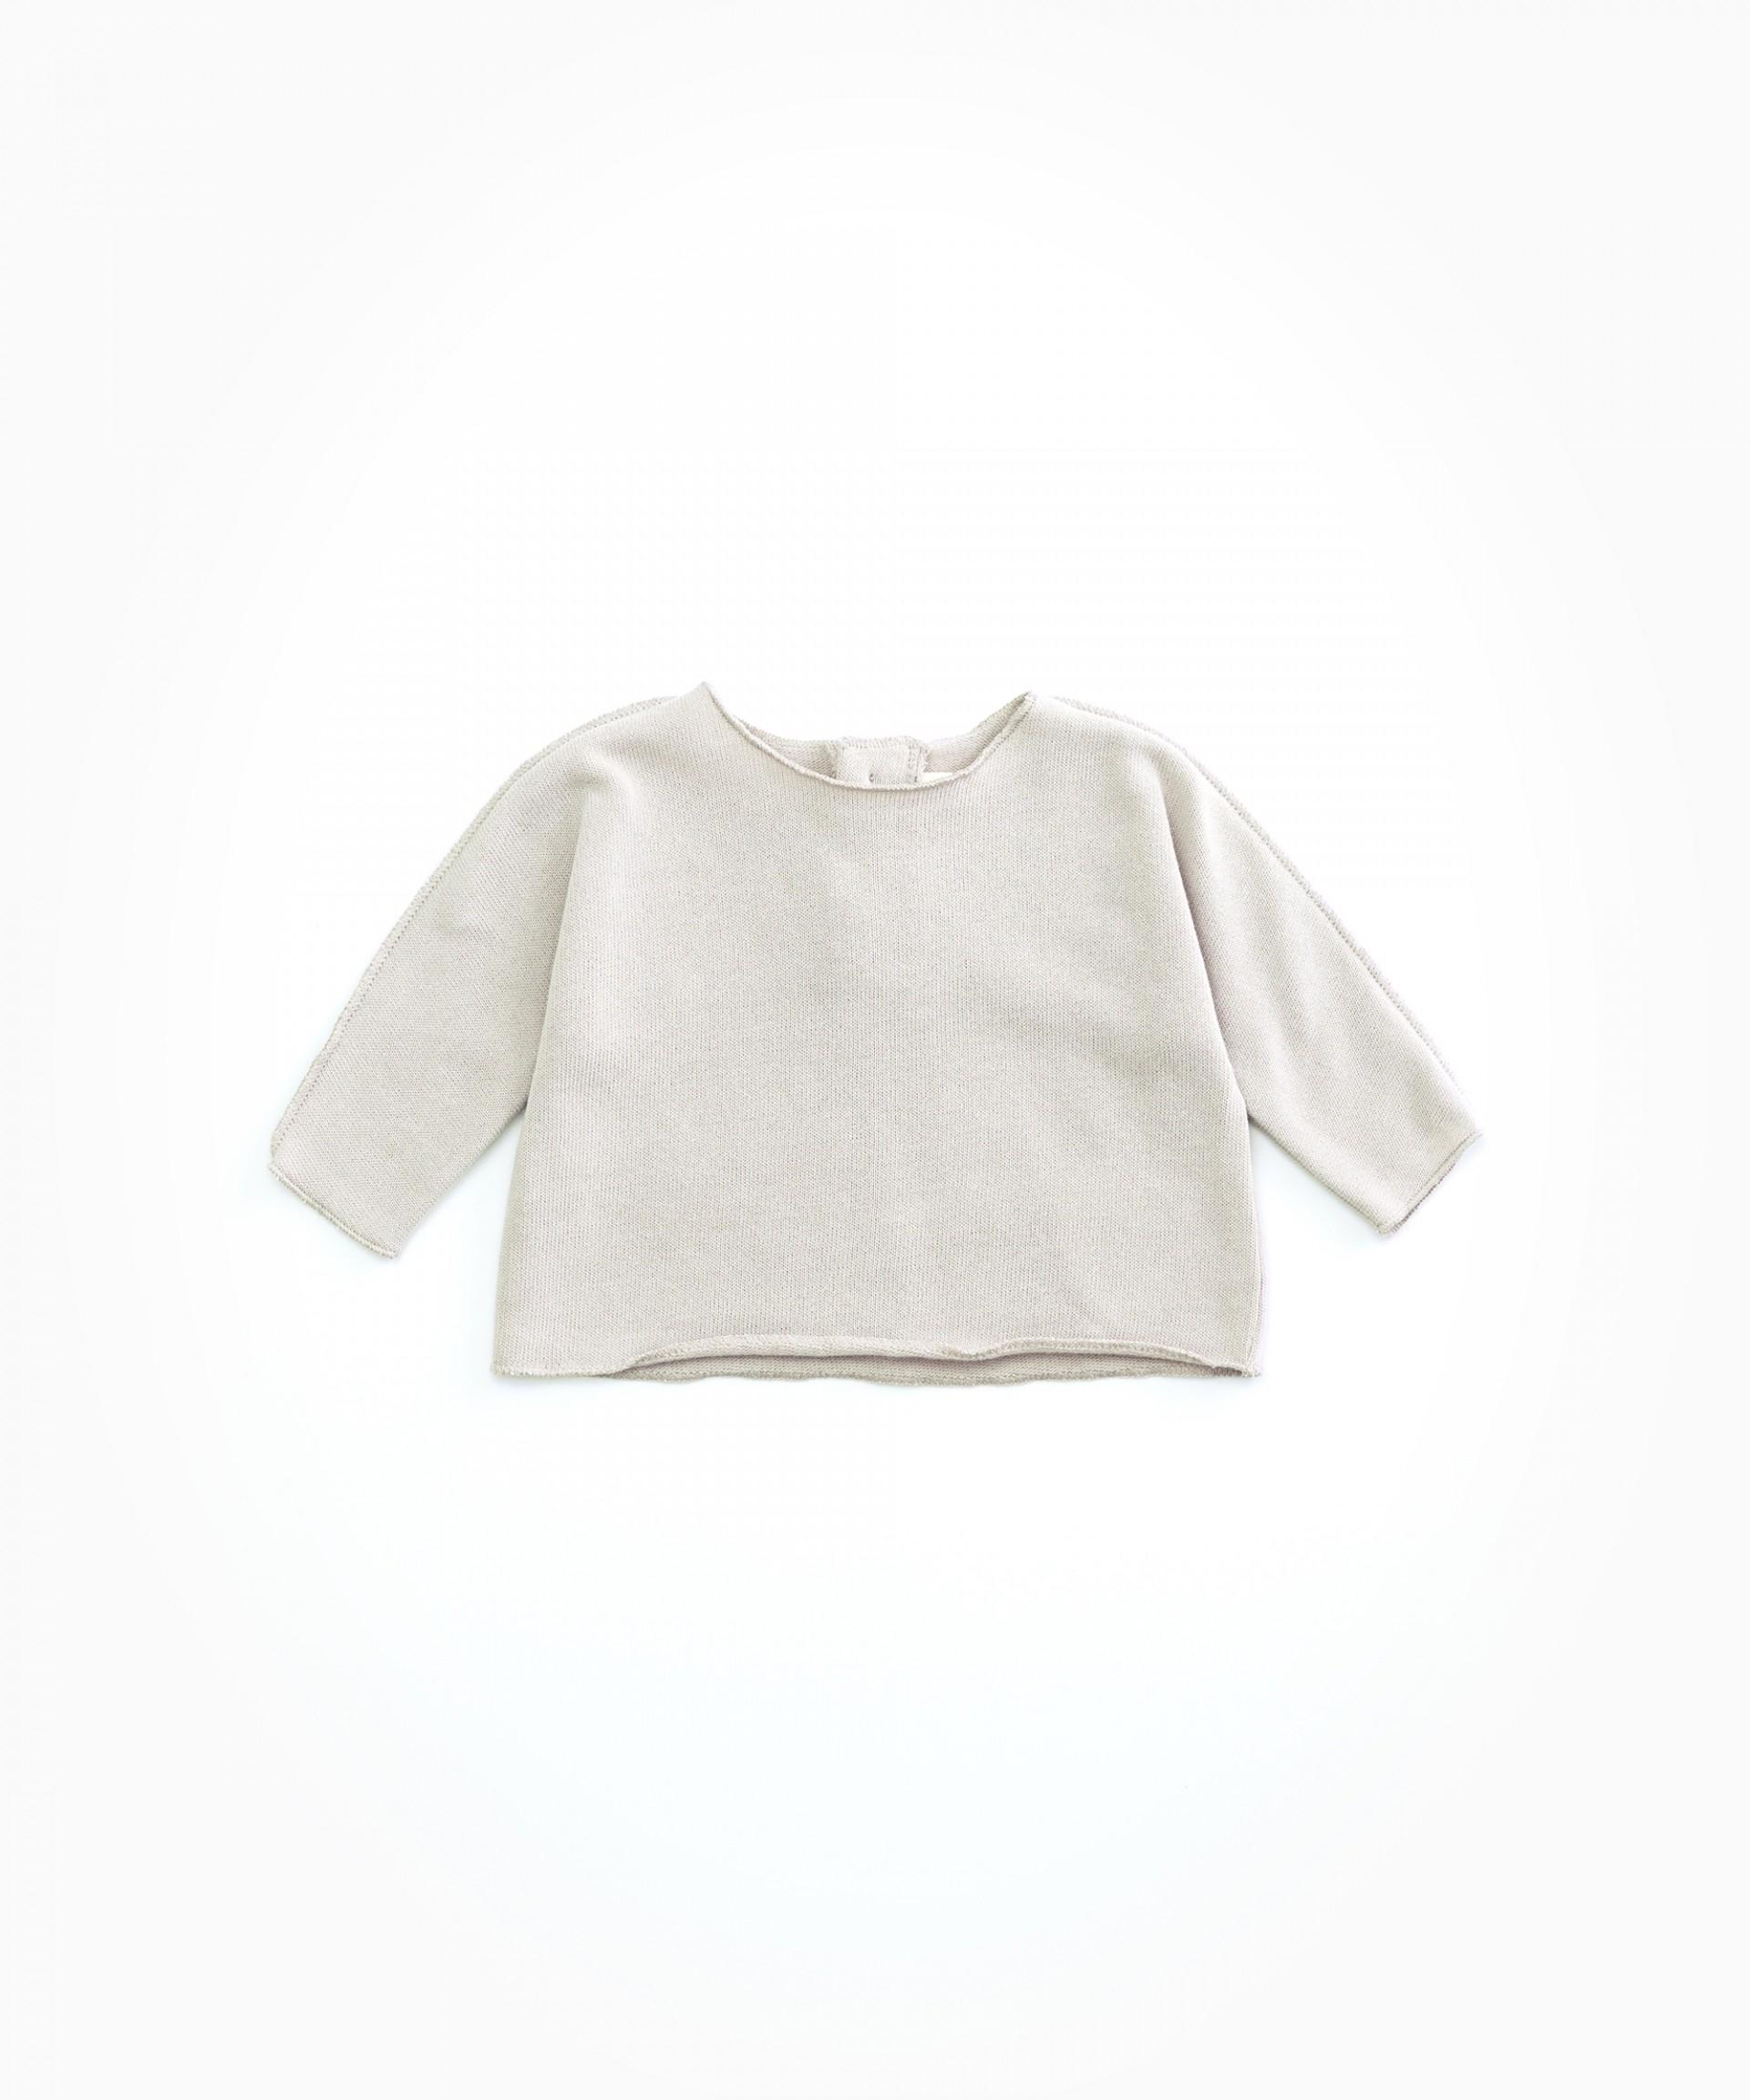 Camisola em algodão orgânico | Woodwork